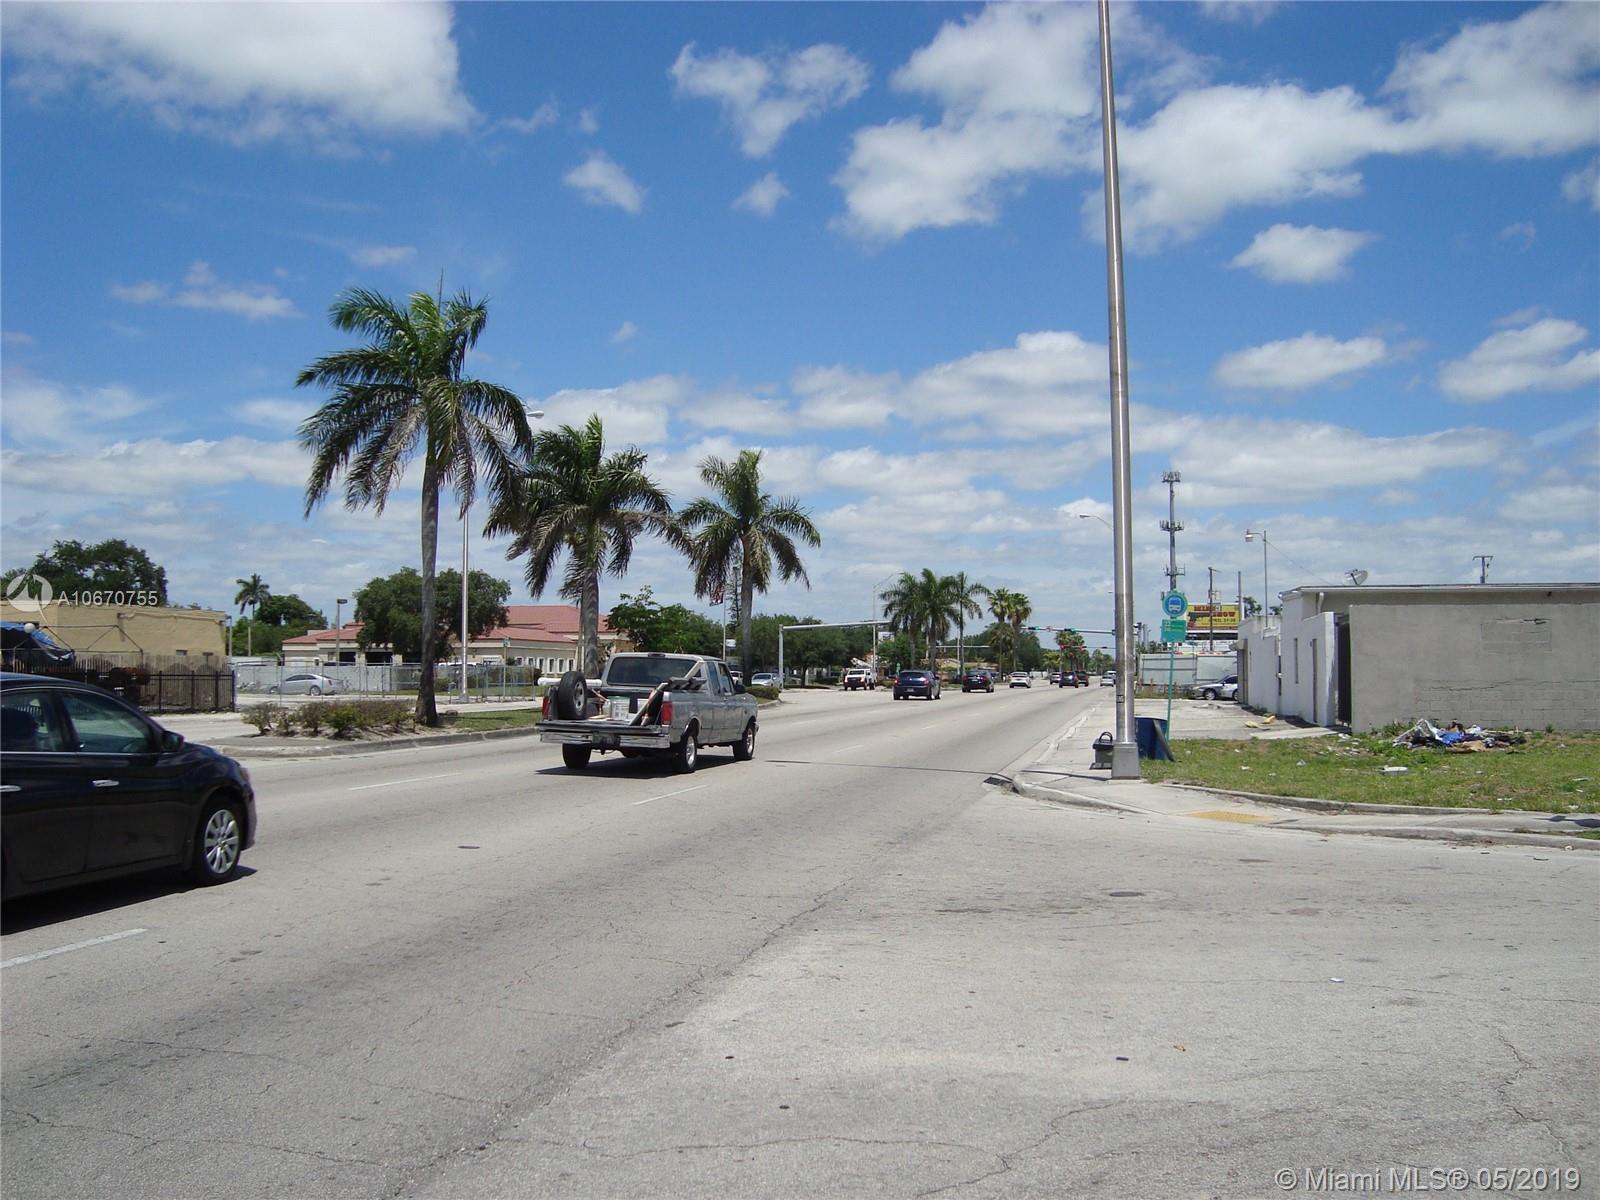 9229 NW 22 Ave Miami, FL - Image 2